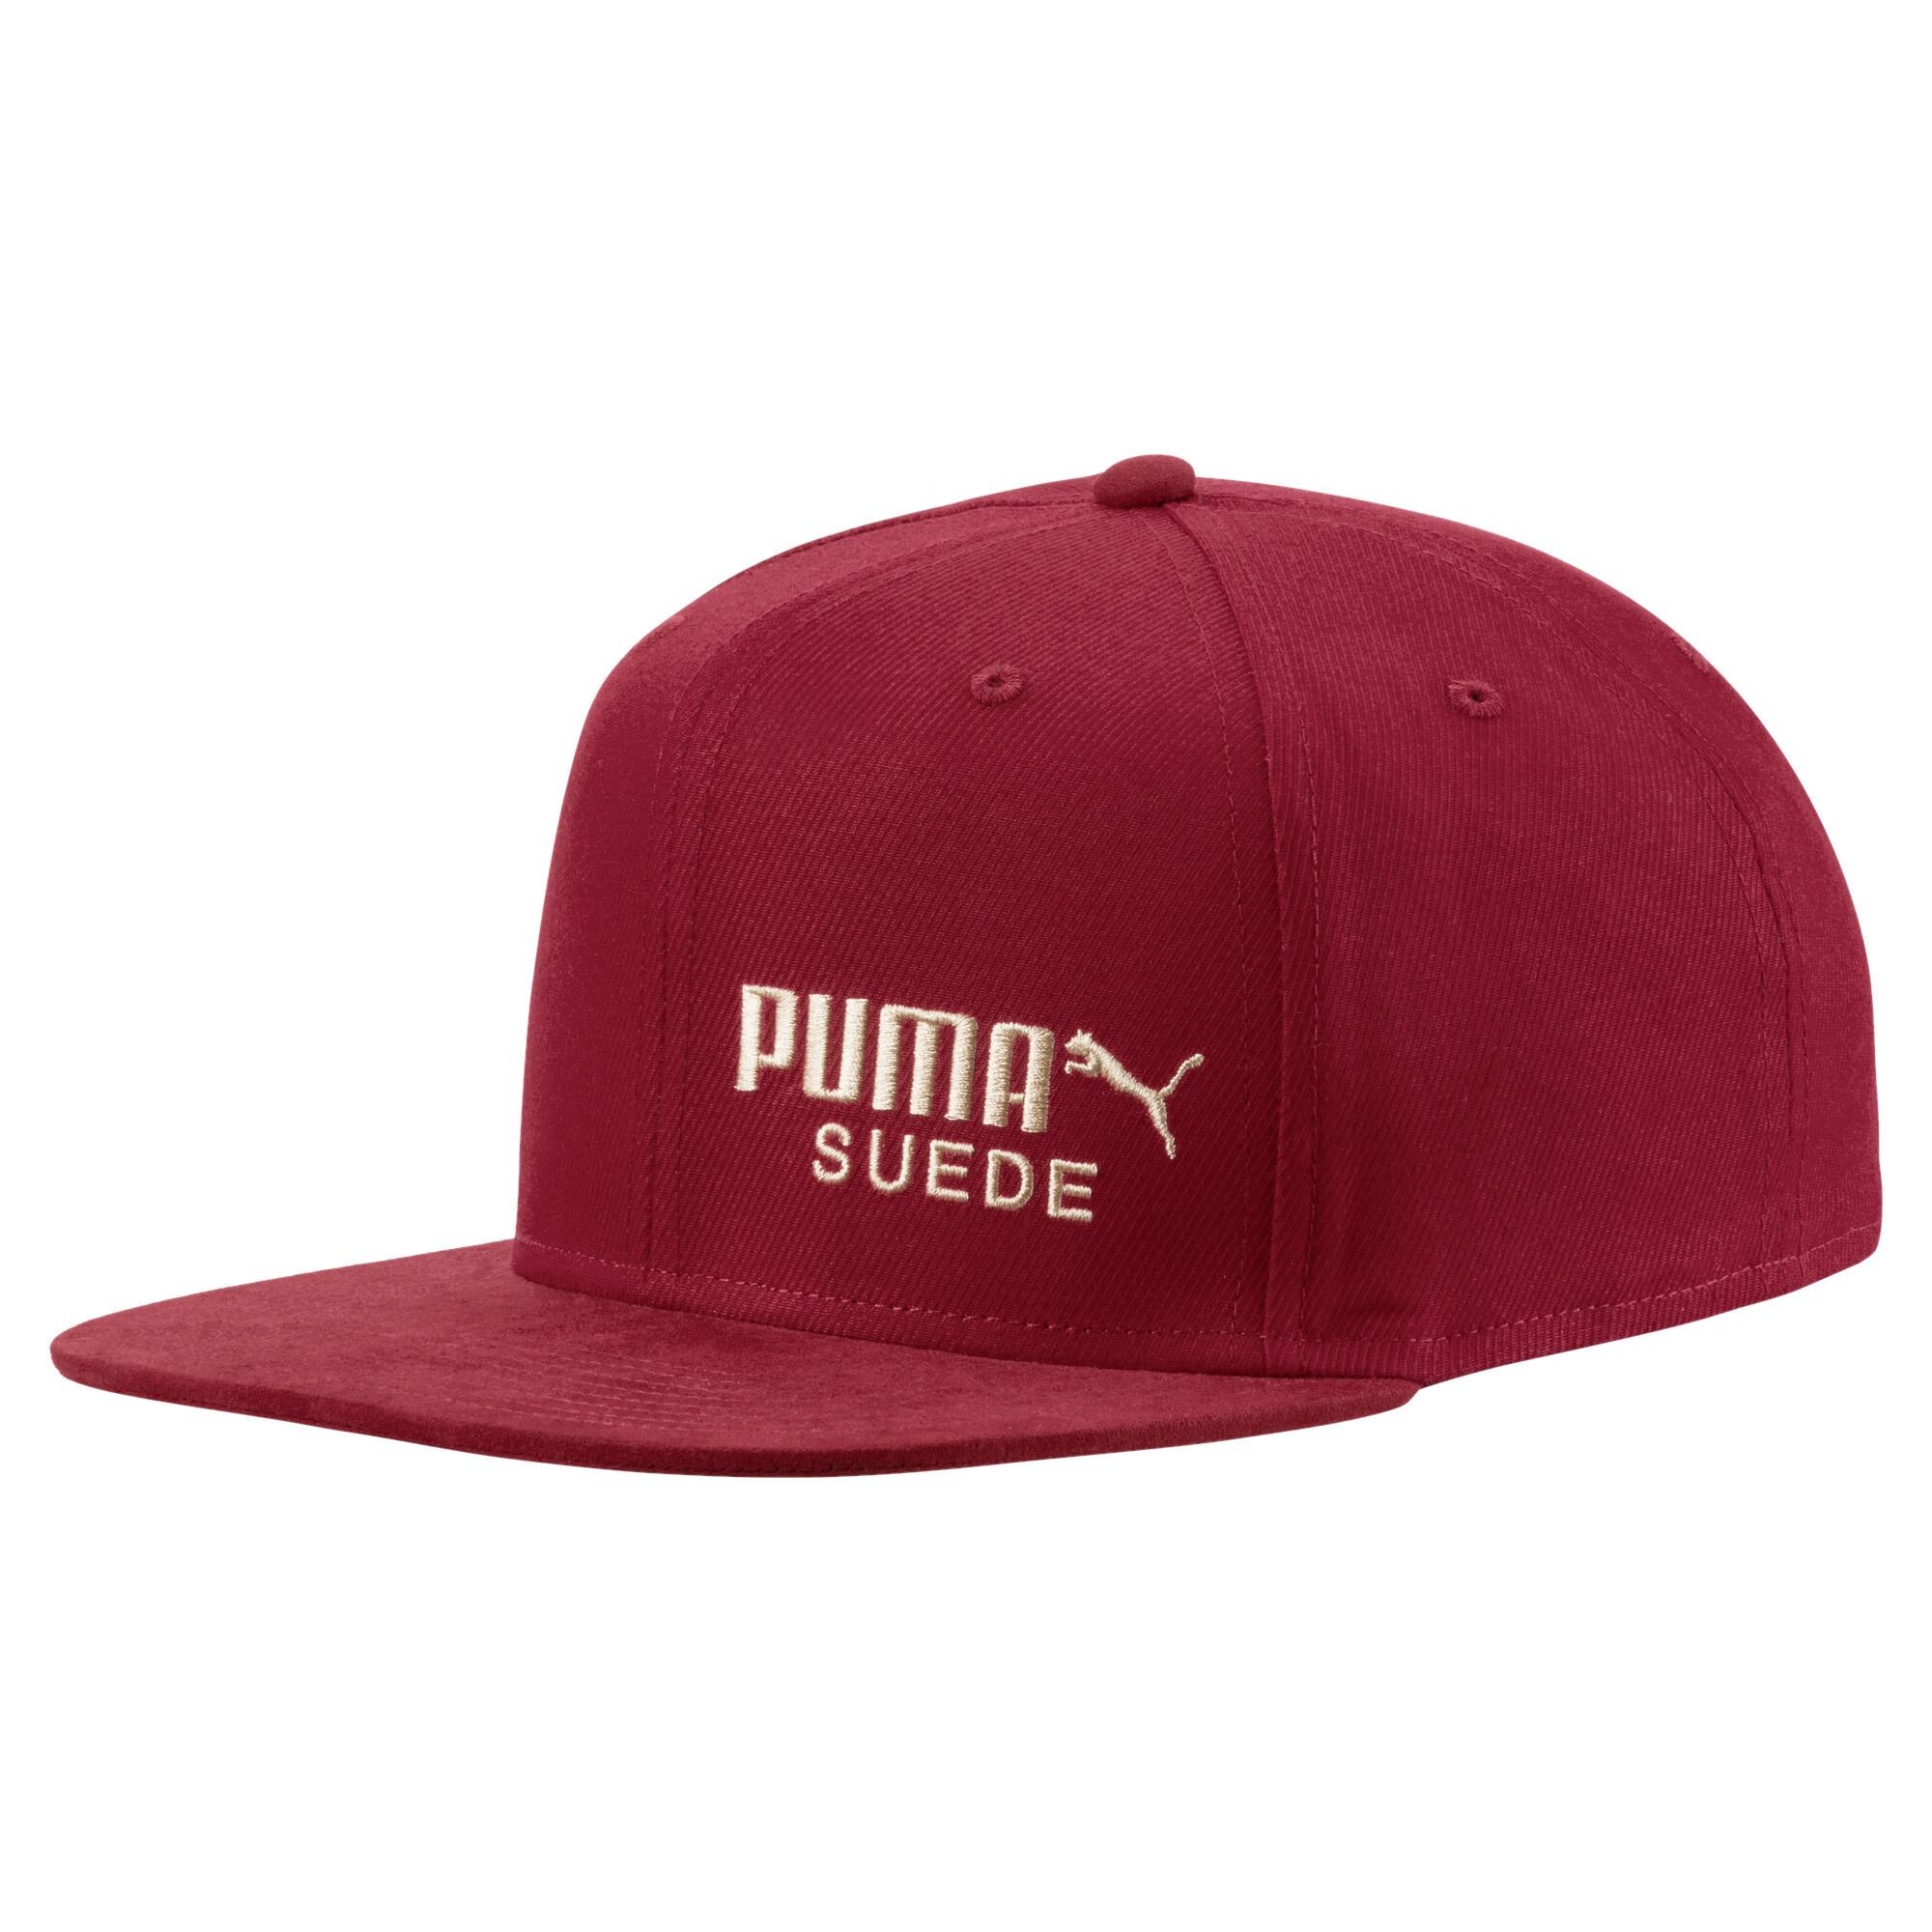 Image Puma ARCHIVE Suede cap #1